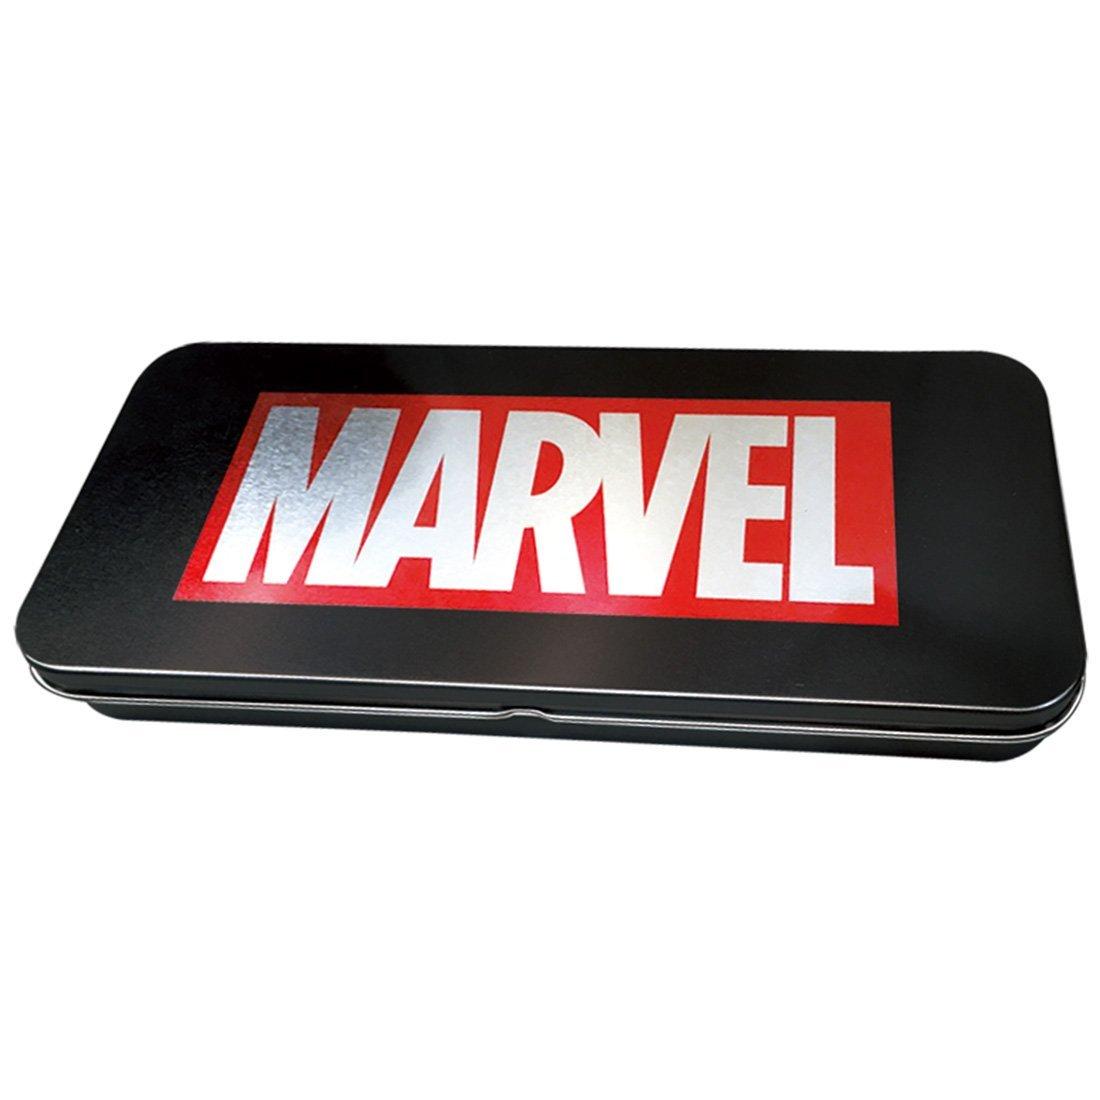 【入荷済】「 MARVEL 」マーベル カンペンケース ロゴ